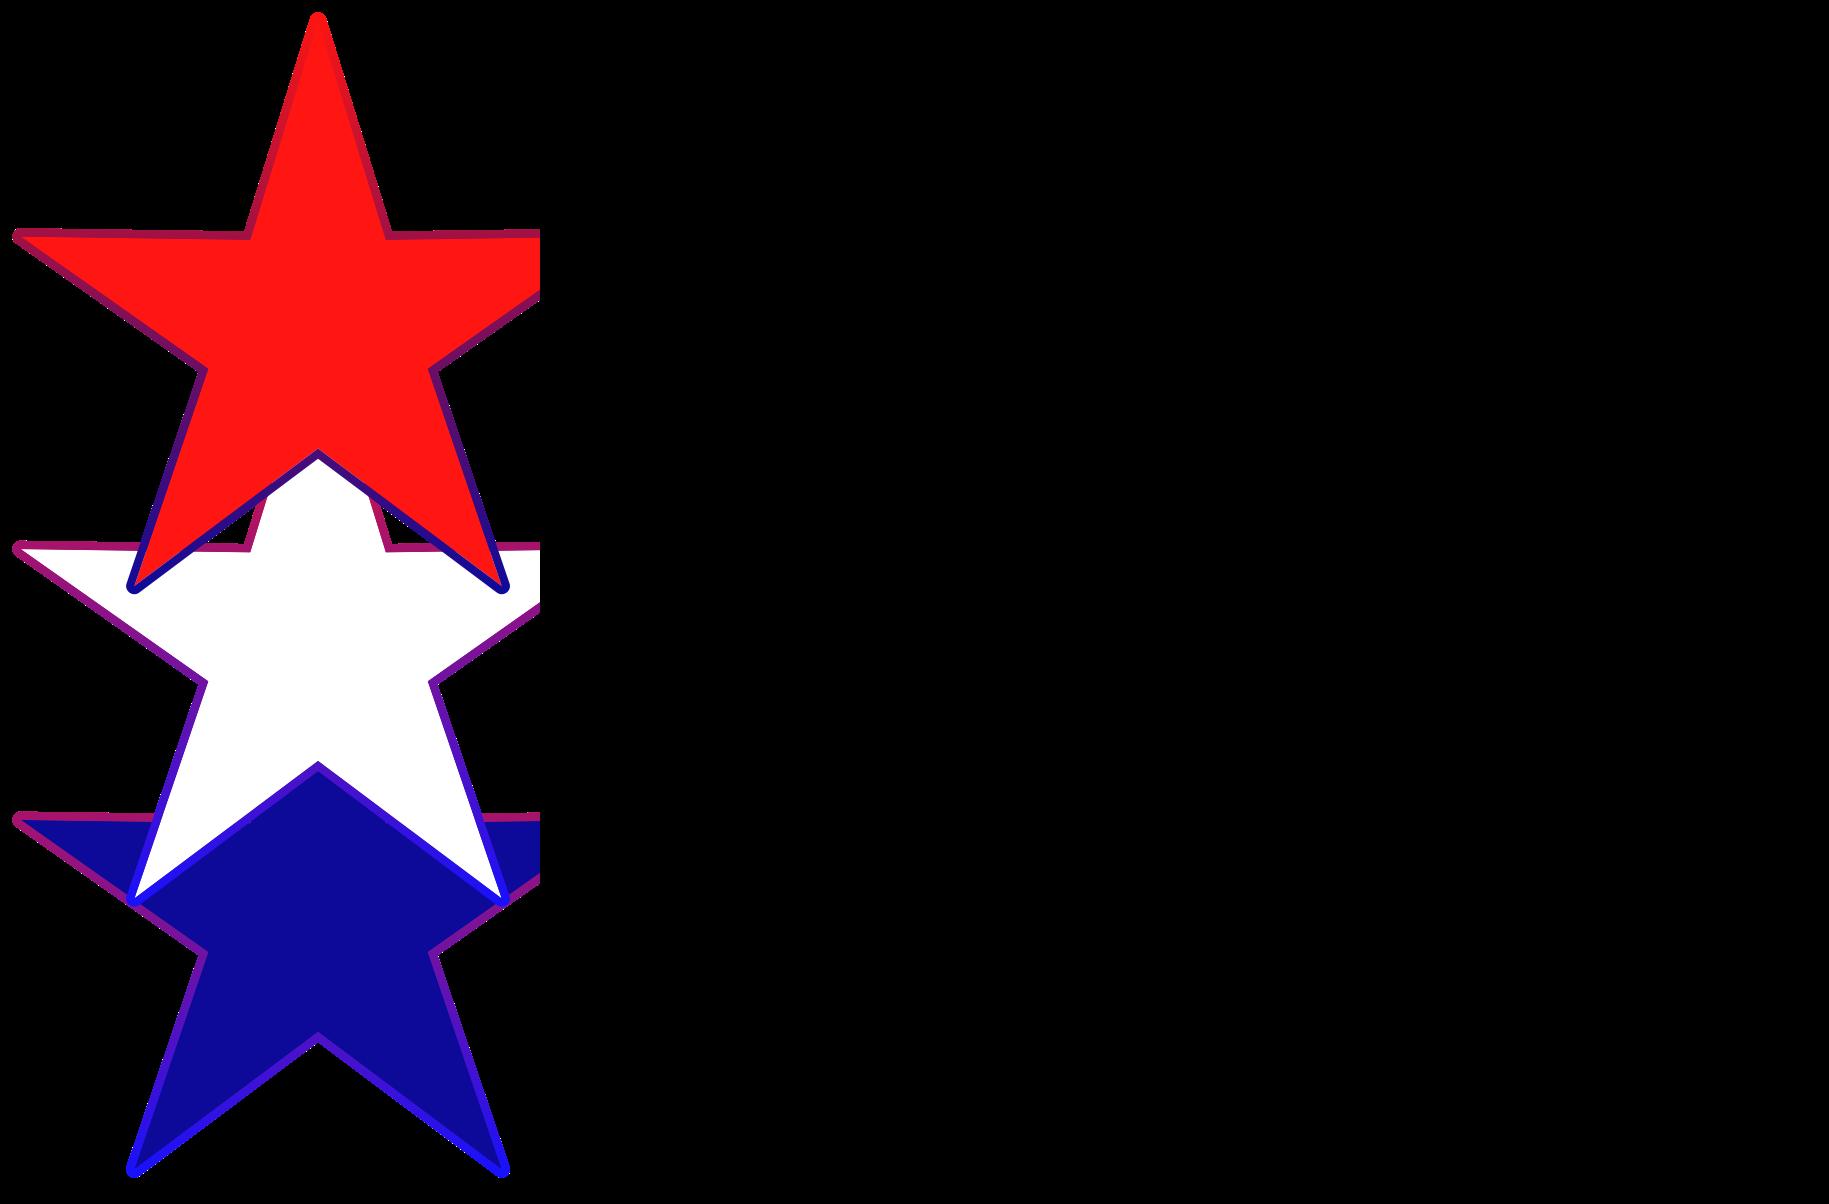 UDH_Short_Logo_Version_Black_2.png